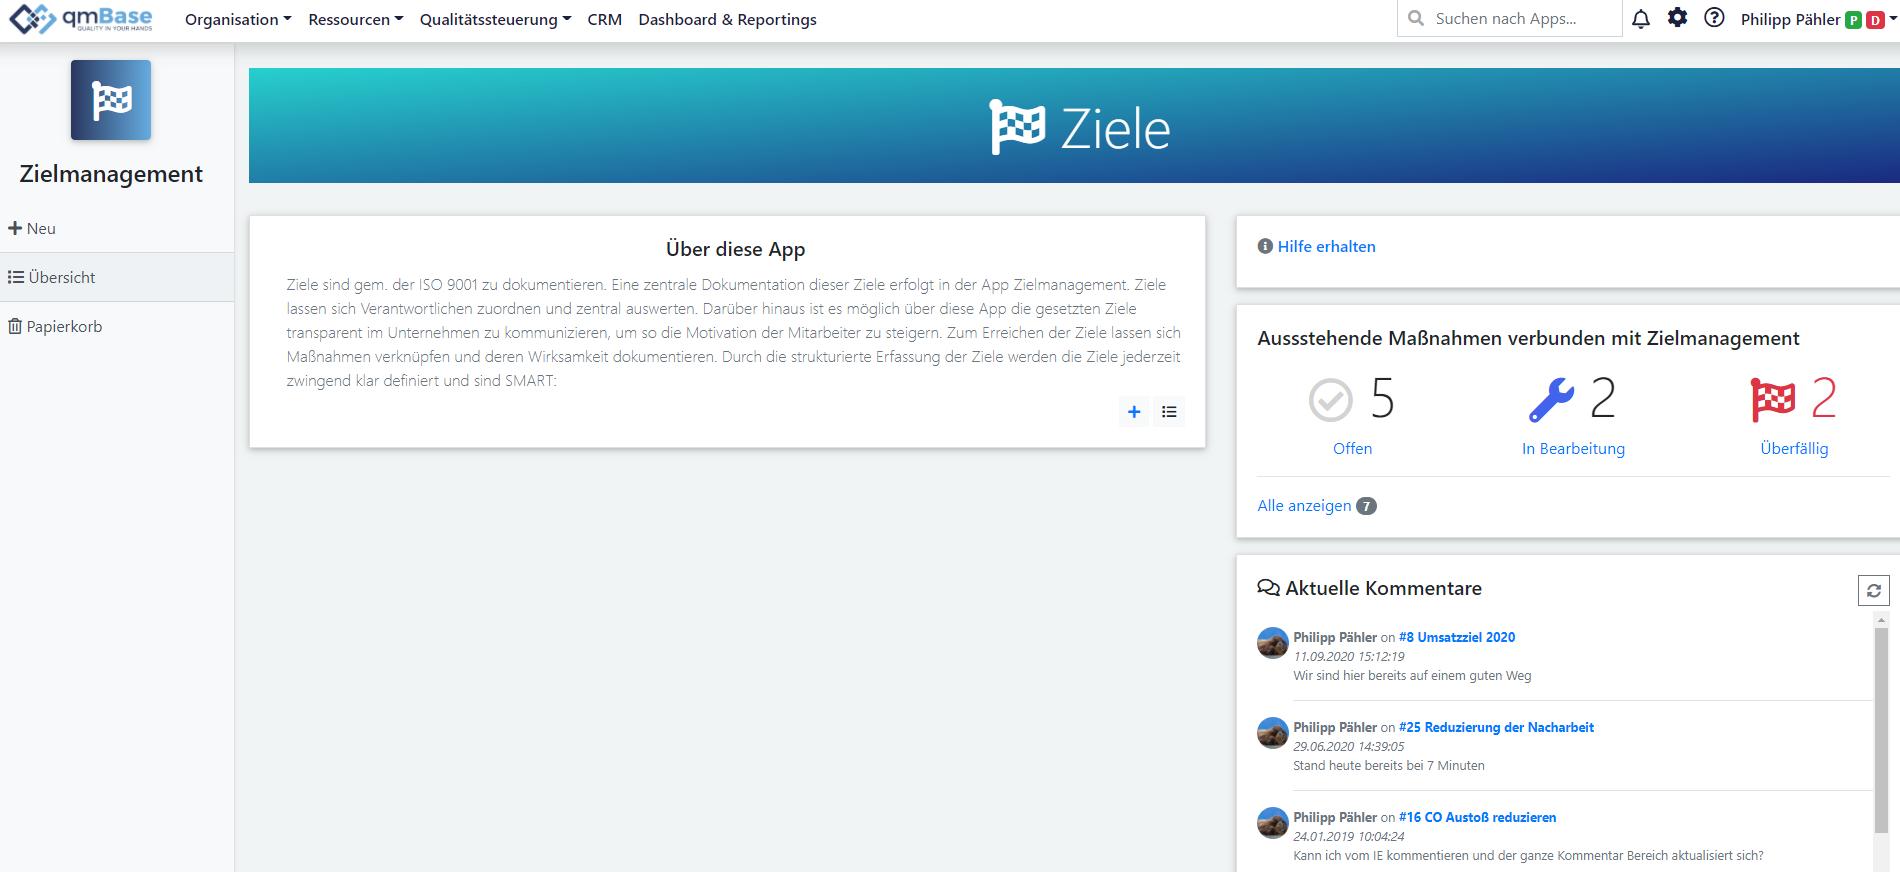 Darstellung der Maßnahmen in der Startseite der App Zielmanagement. qmBase